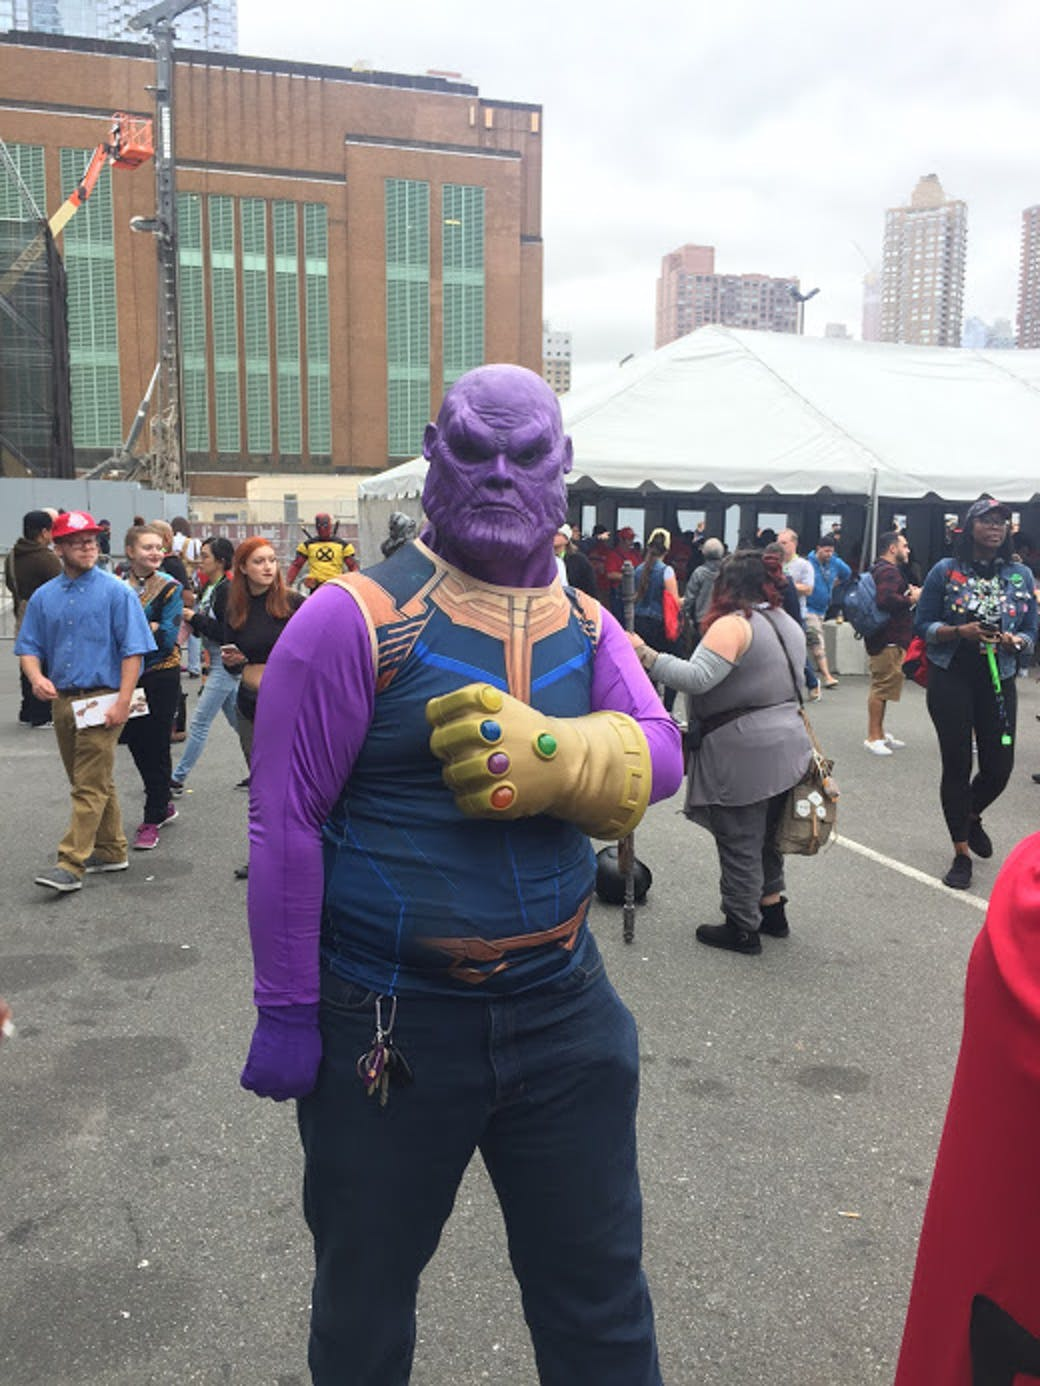 Thanos at NYCC